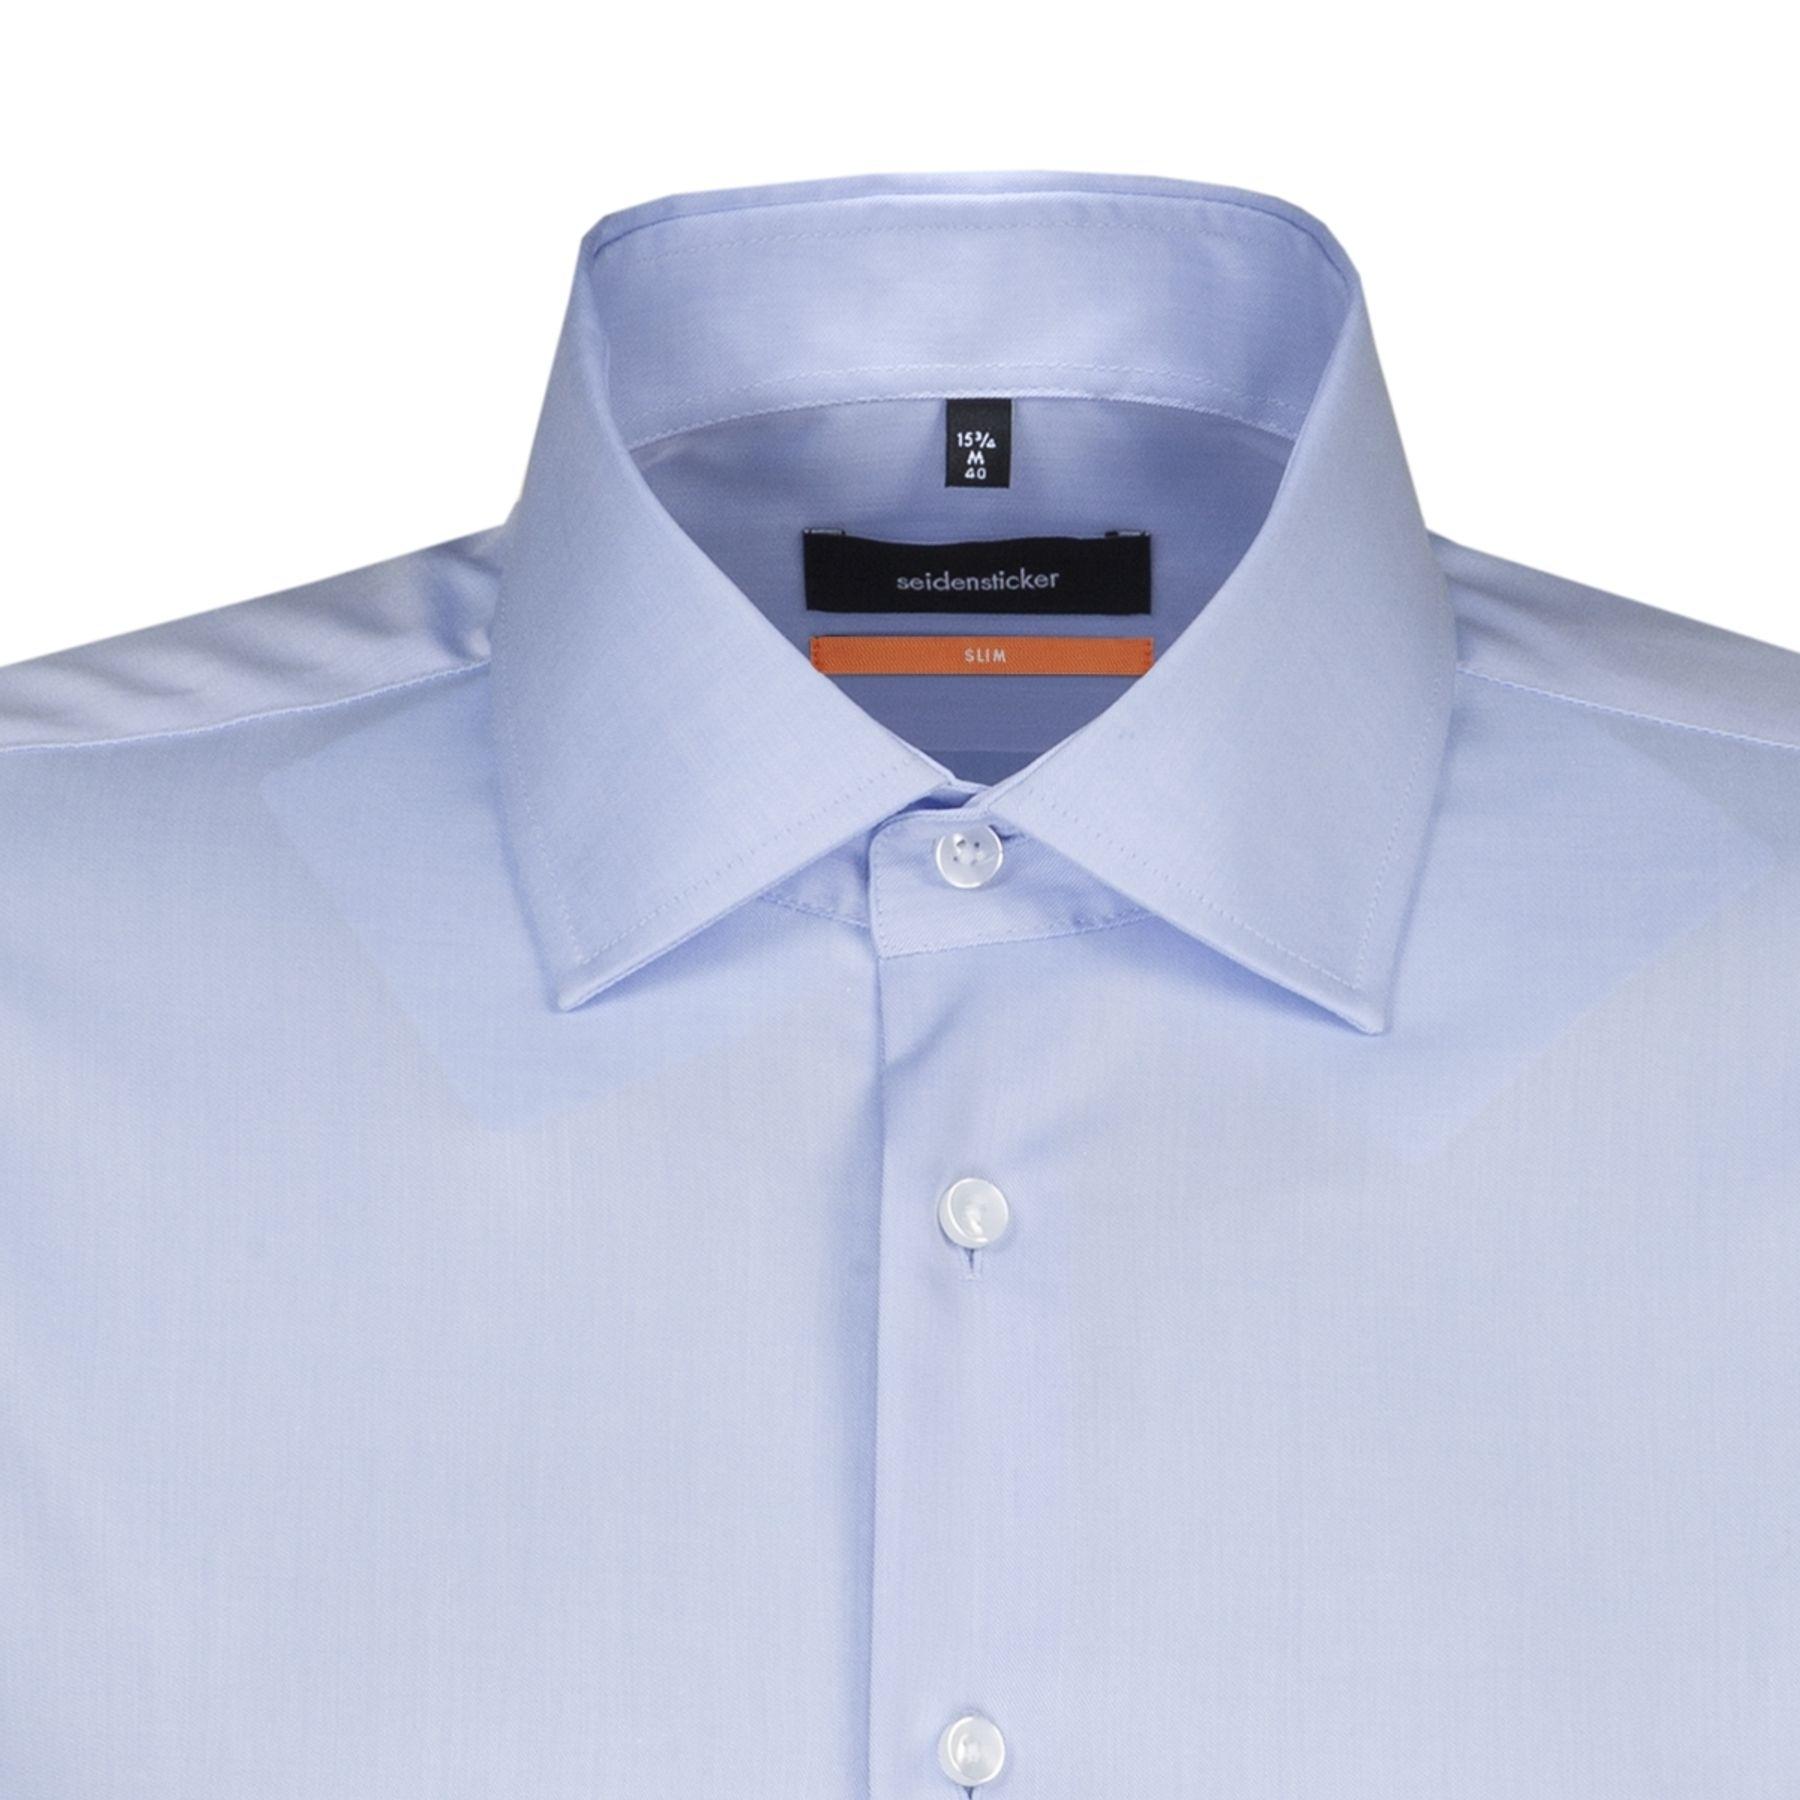 Seidensticker - Herren Hemd, Bügelfrei, Slim, Schwarze Rose mit Kent Kragen in Weiß und Blau  (01.676550) – Bild 8